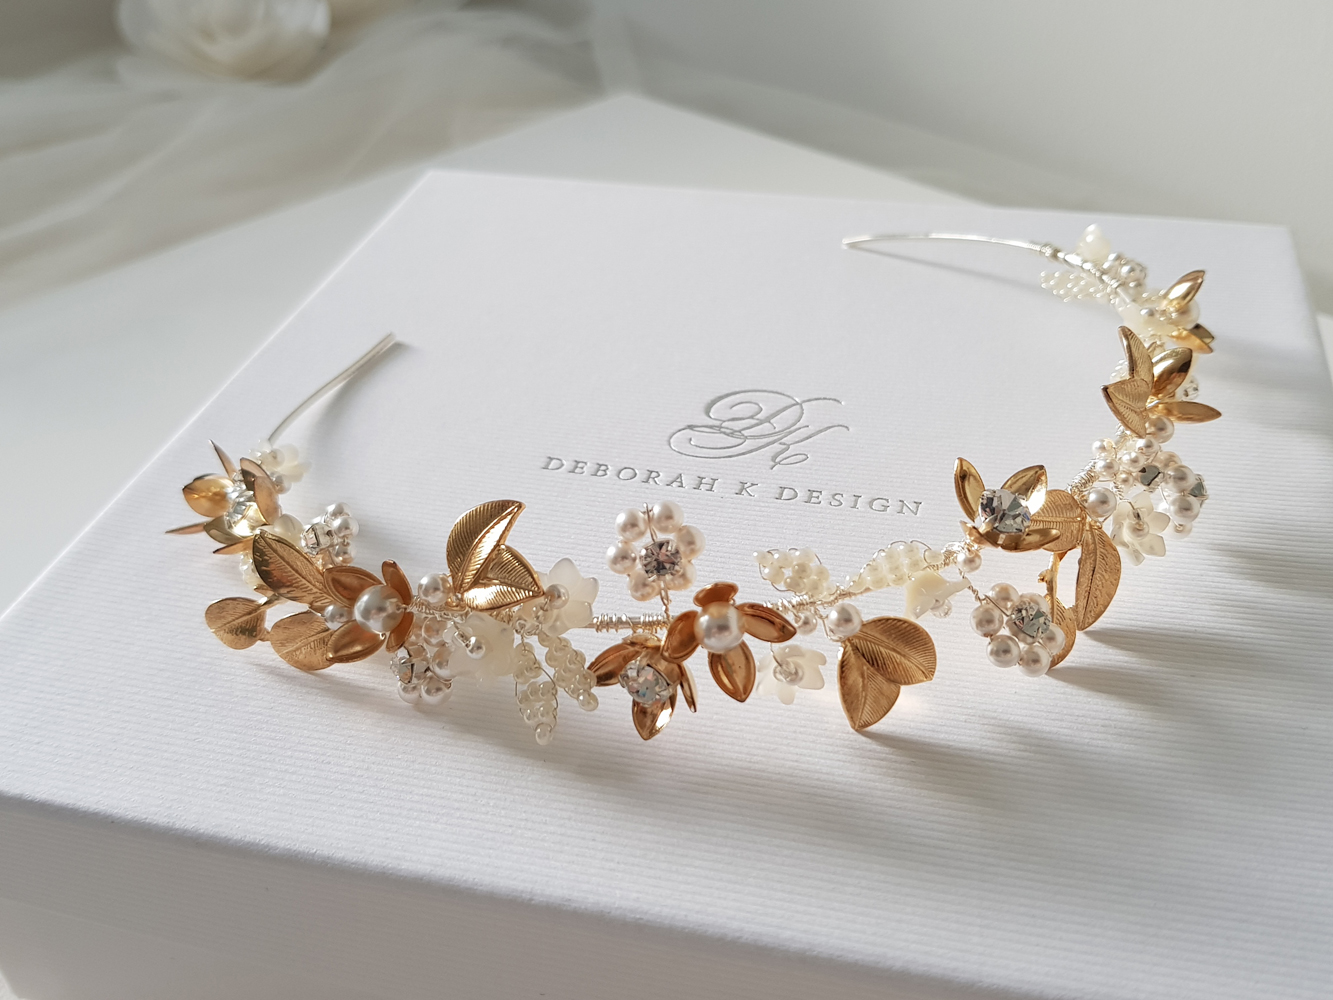 Deborah_K_Design_Wedding_hair_accessories_6.jpg